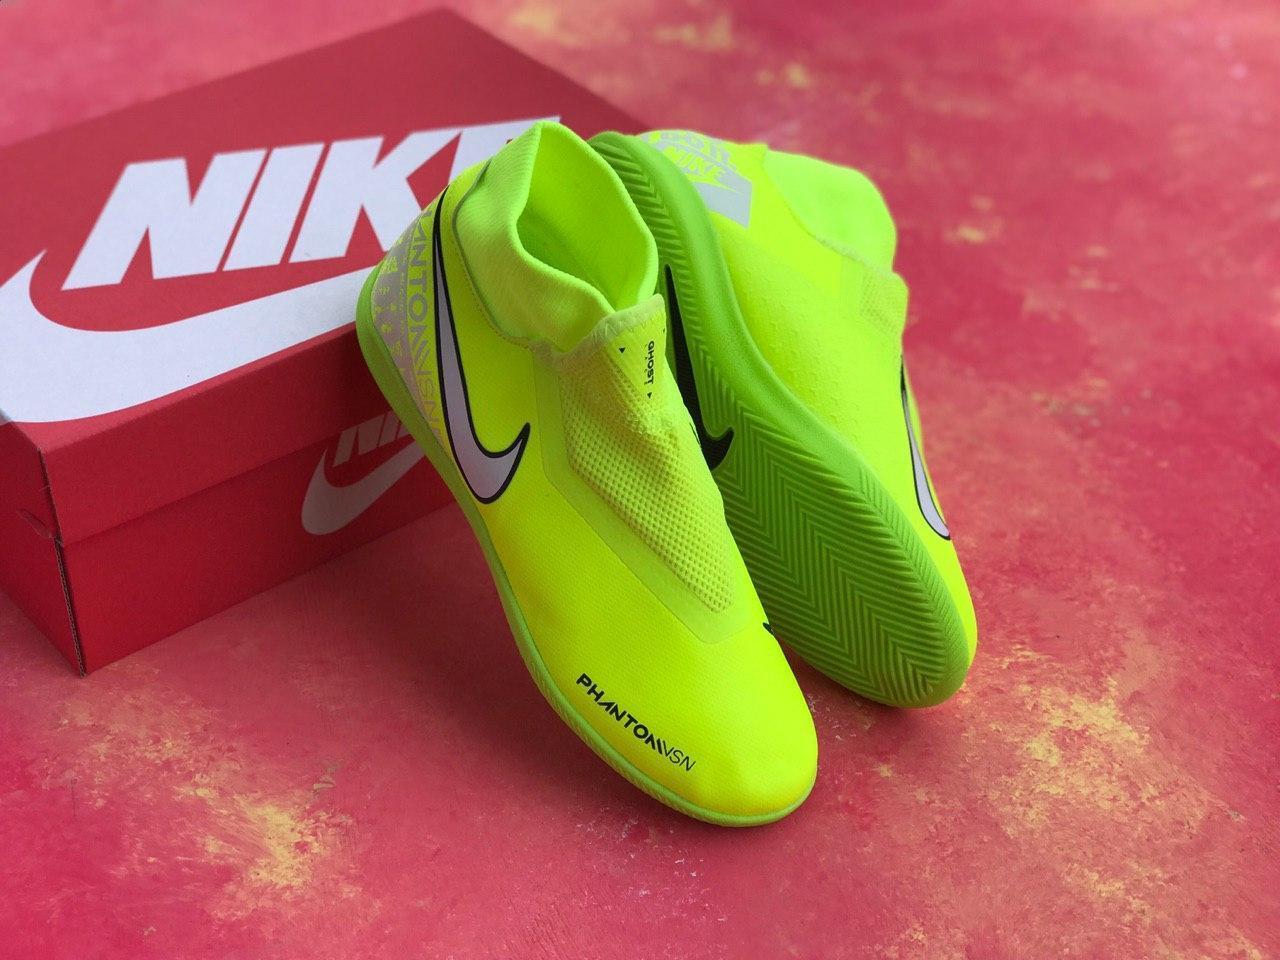 Футзалки лимонні Nike Phantom Vision Academy Dynamic Fit IC футбольна взуття